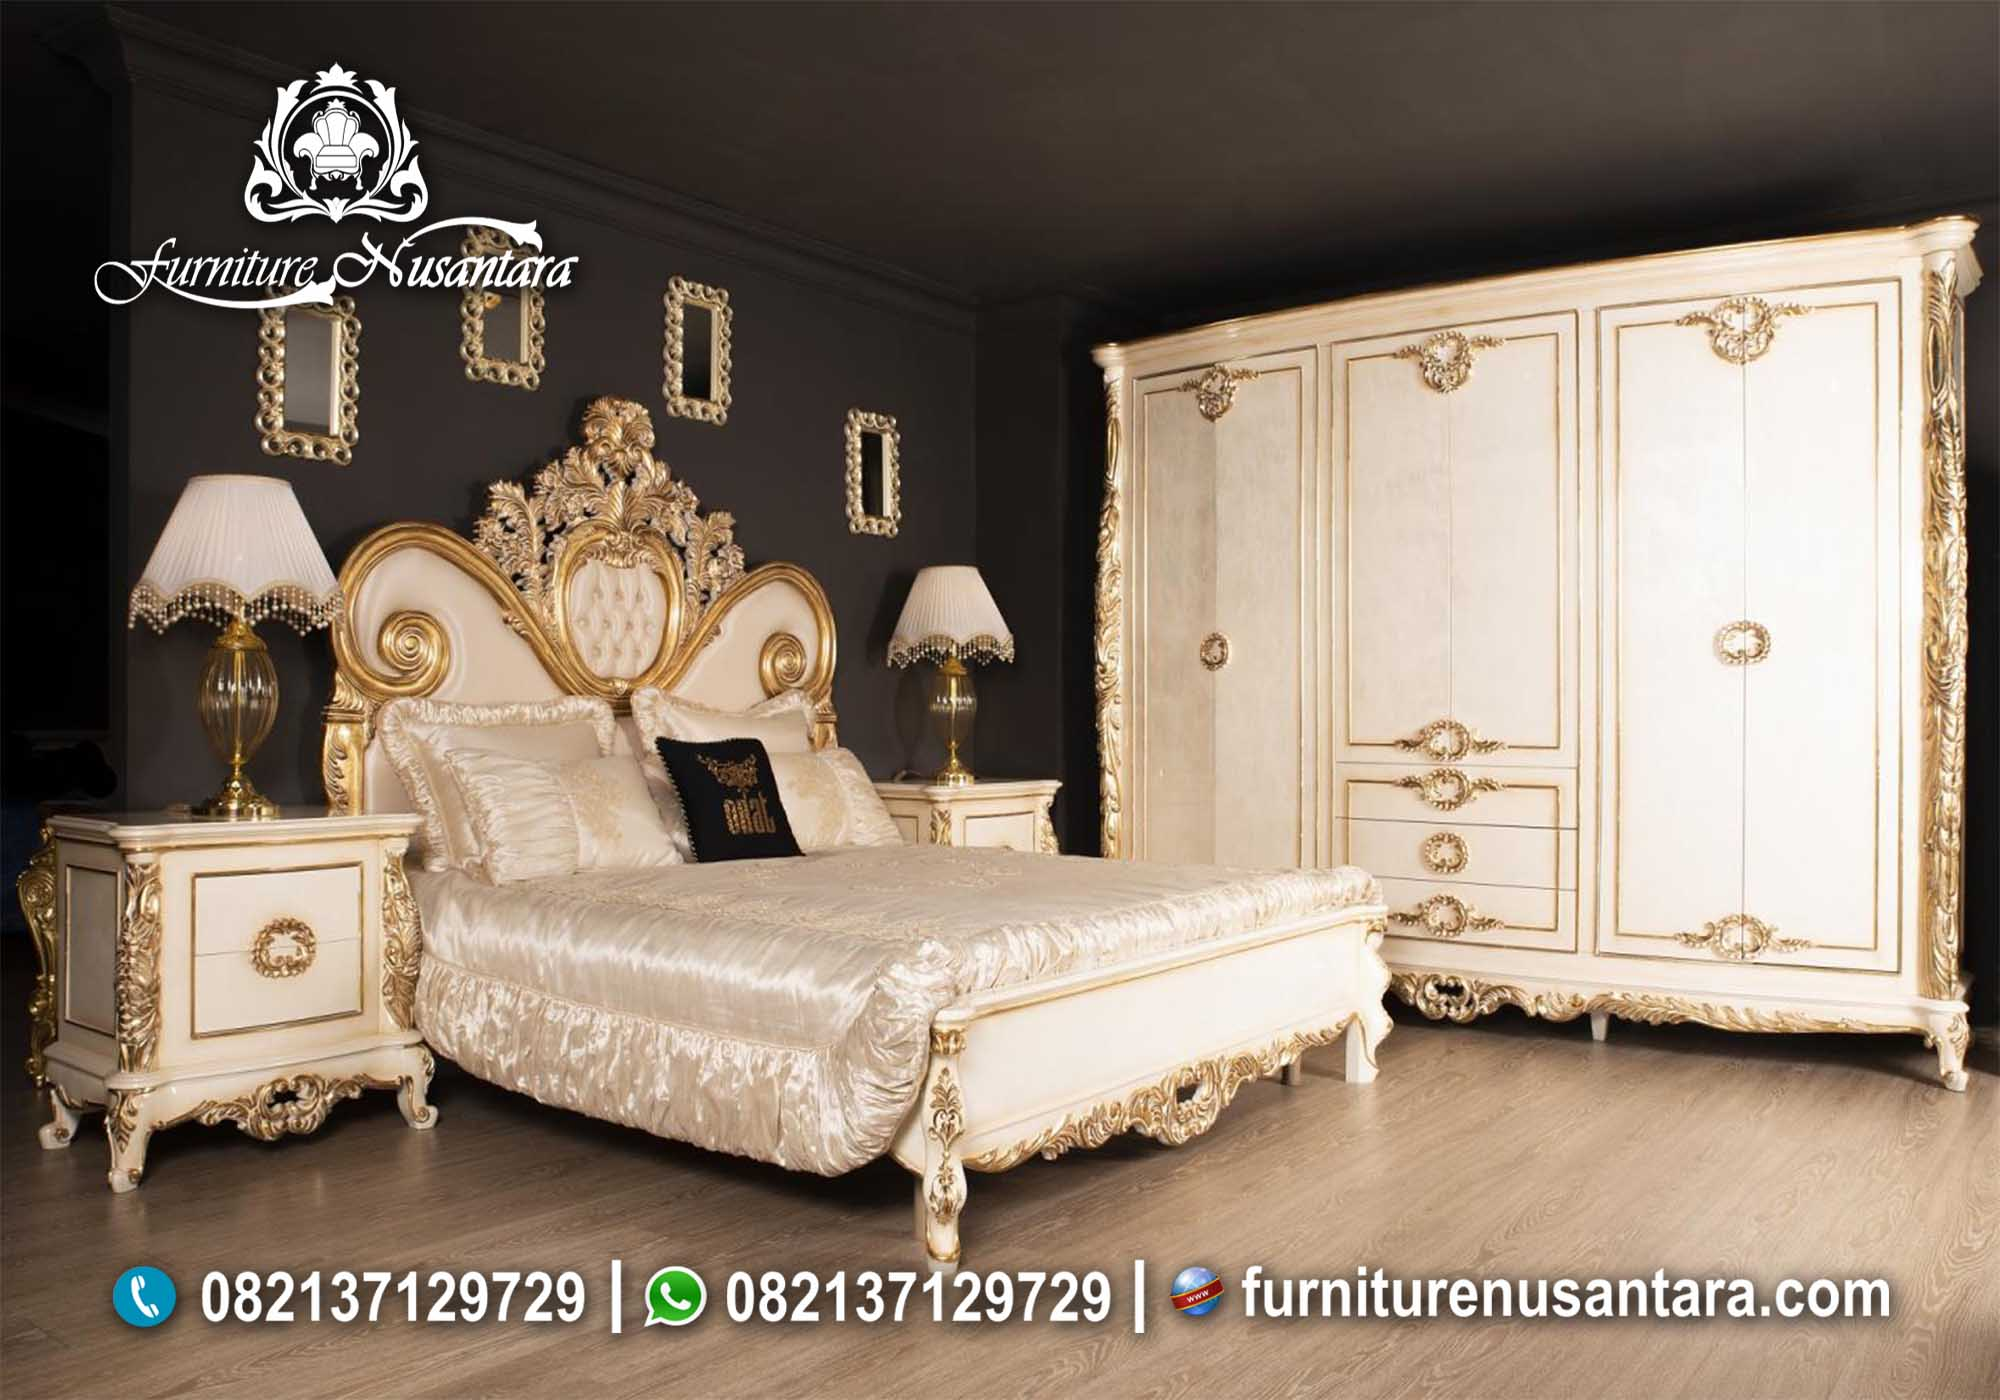 Desain Kamar Minimalis Modern Terbaru KS-11, Furniture Nusantara